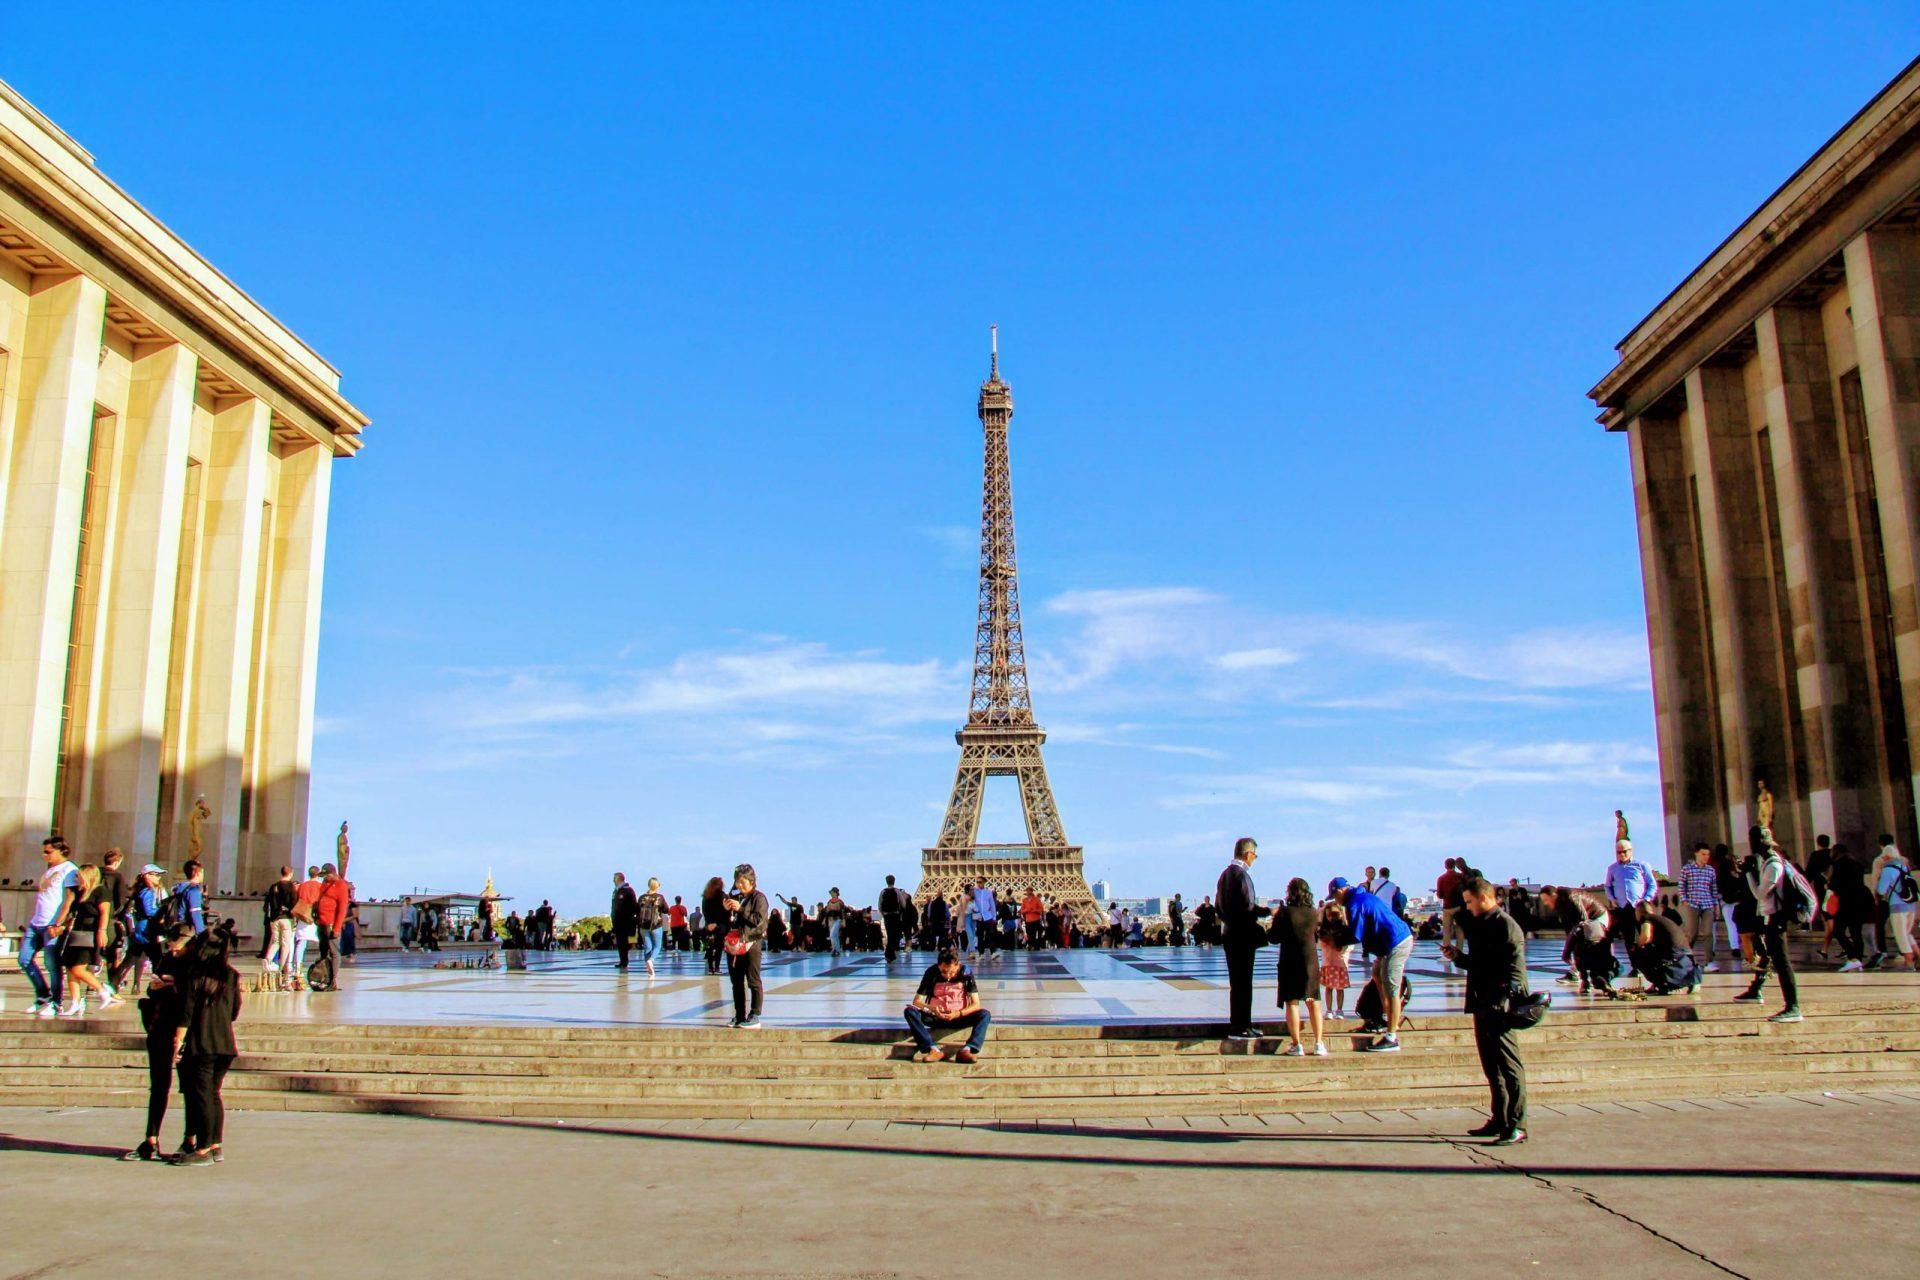 Дворец Шайо, Париж, Франция. Сентябрь, 2019